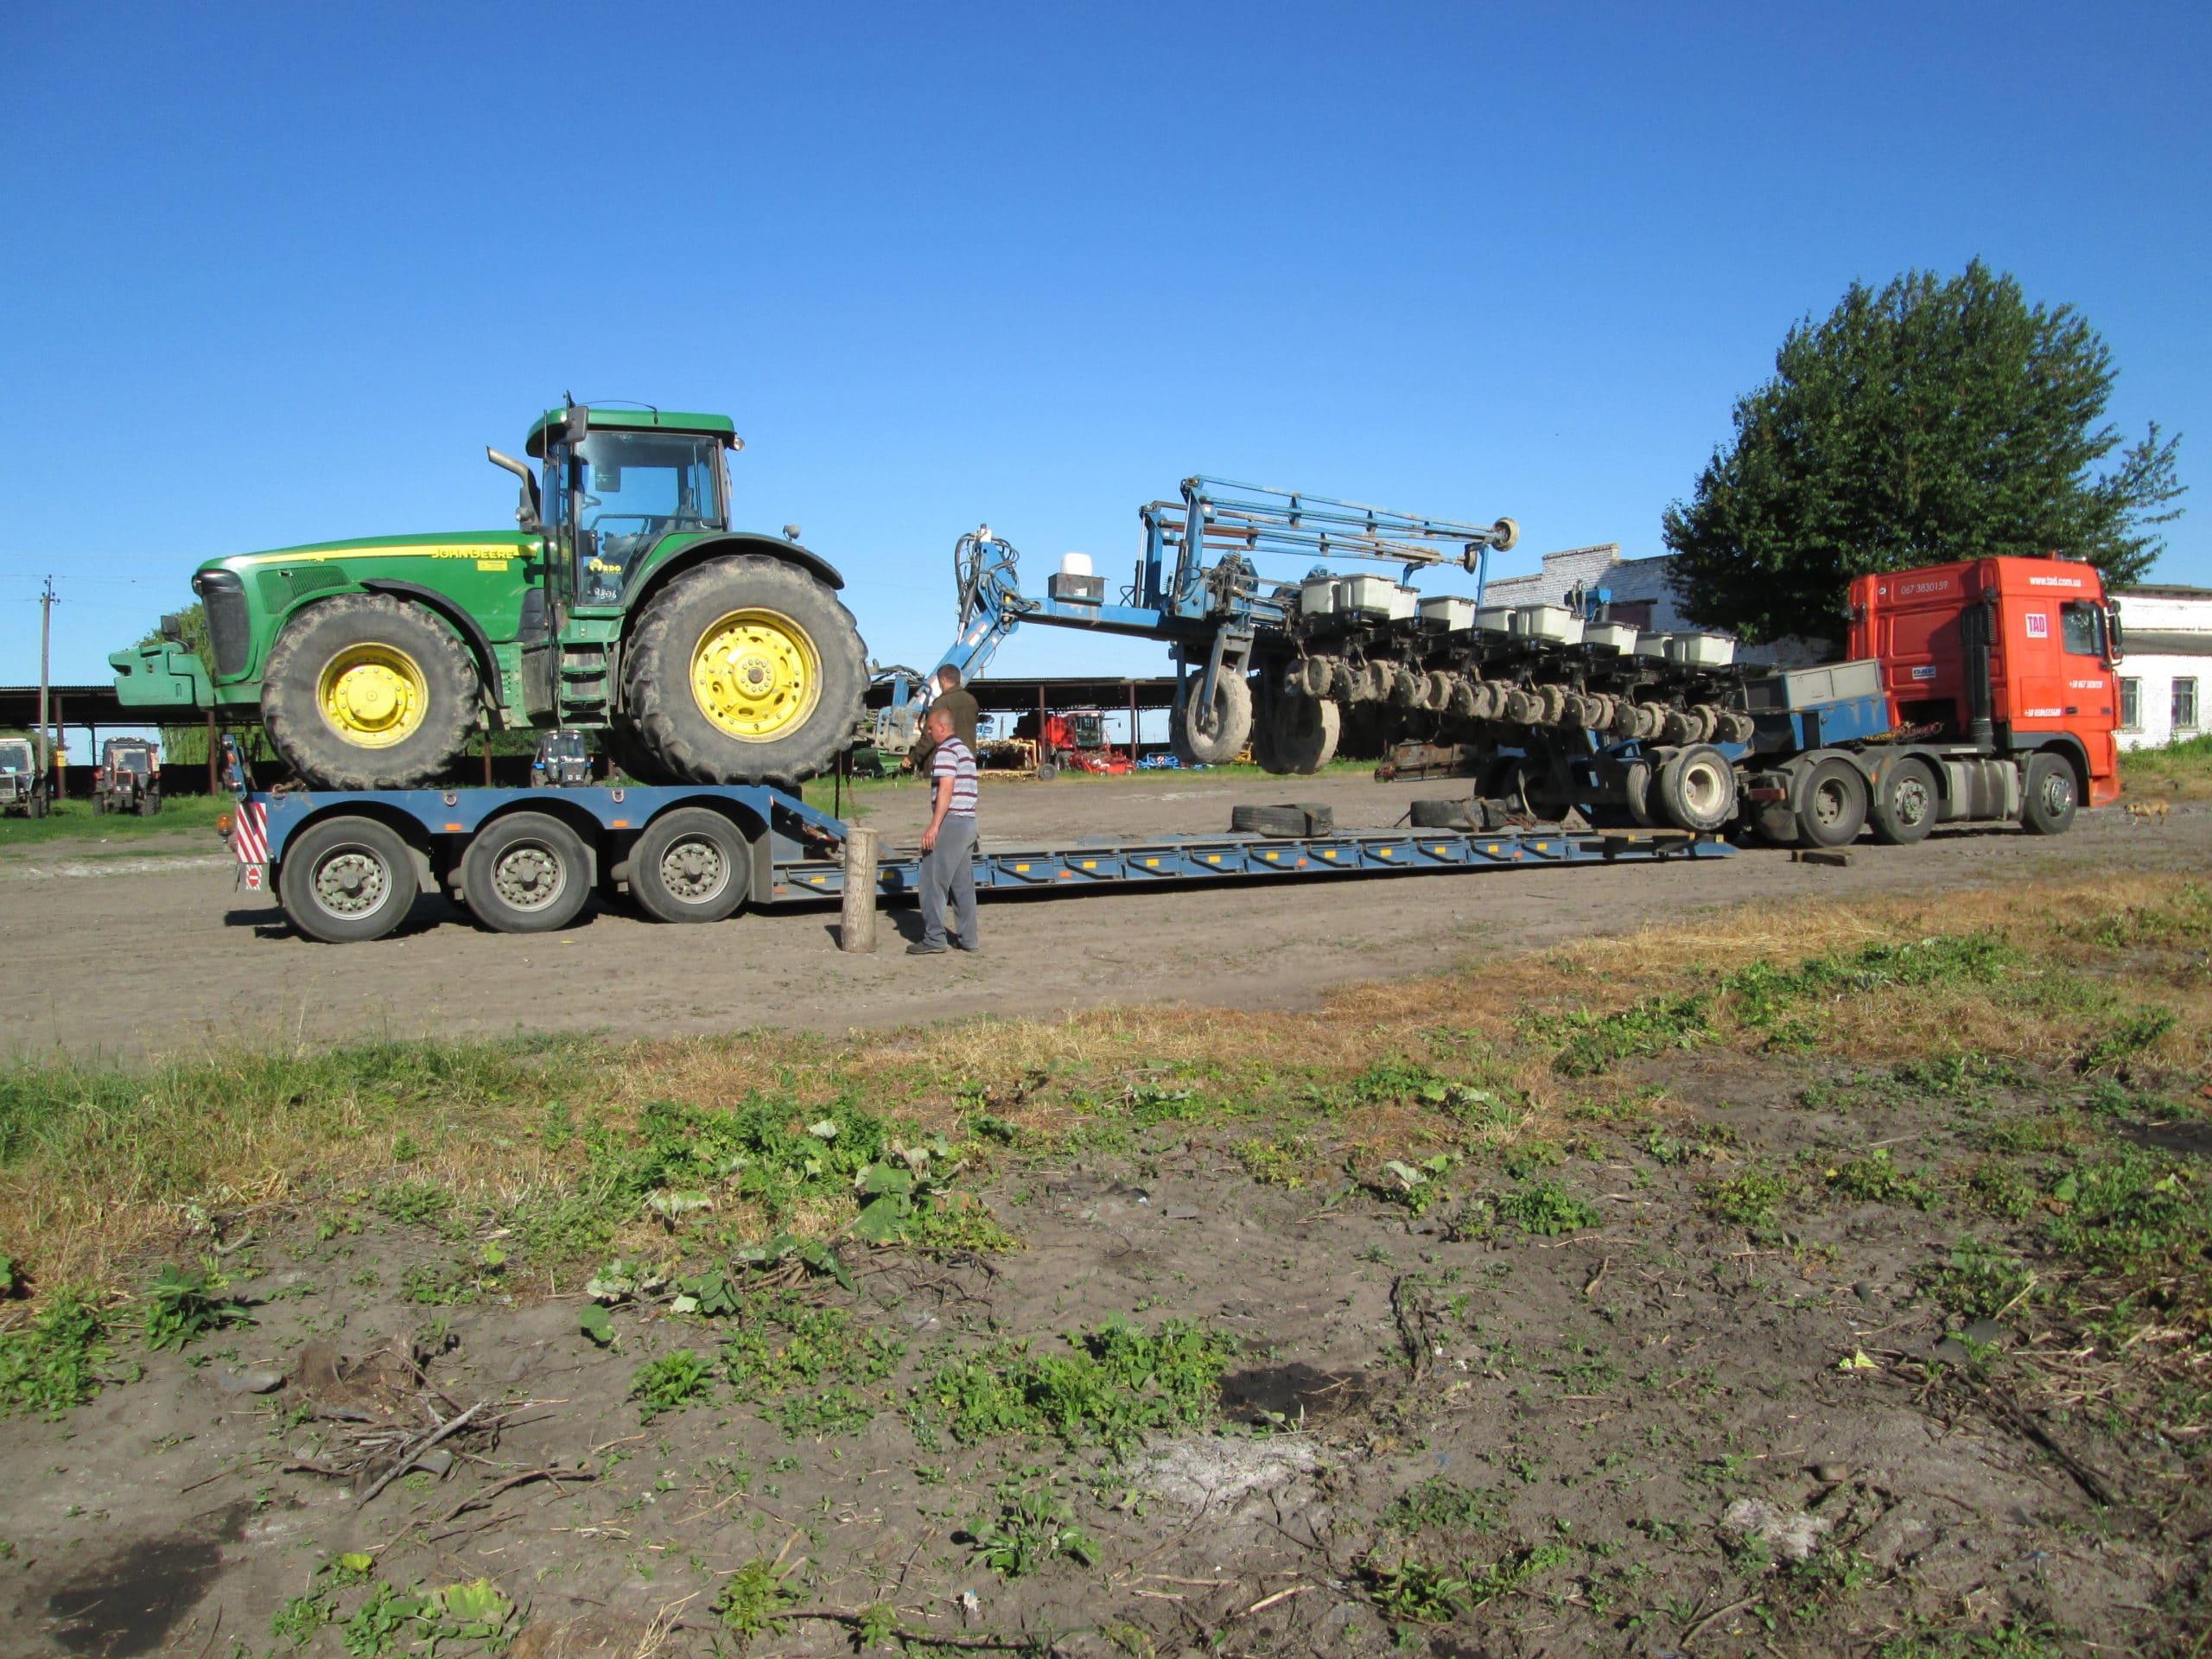 Transportation-tractor-john-deere-in-Ukraine-